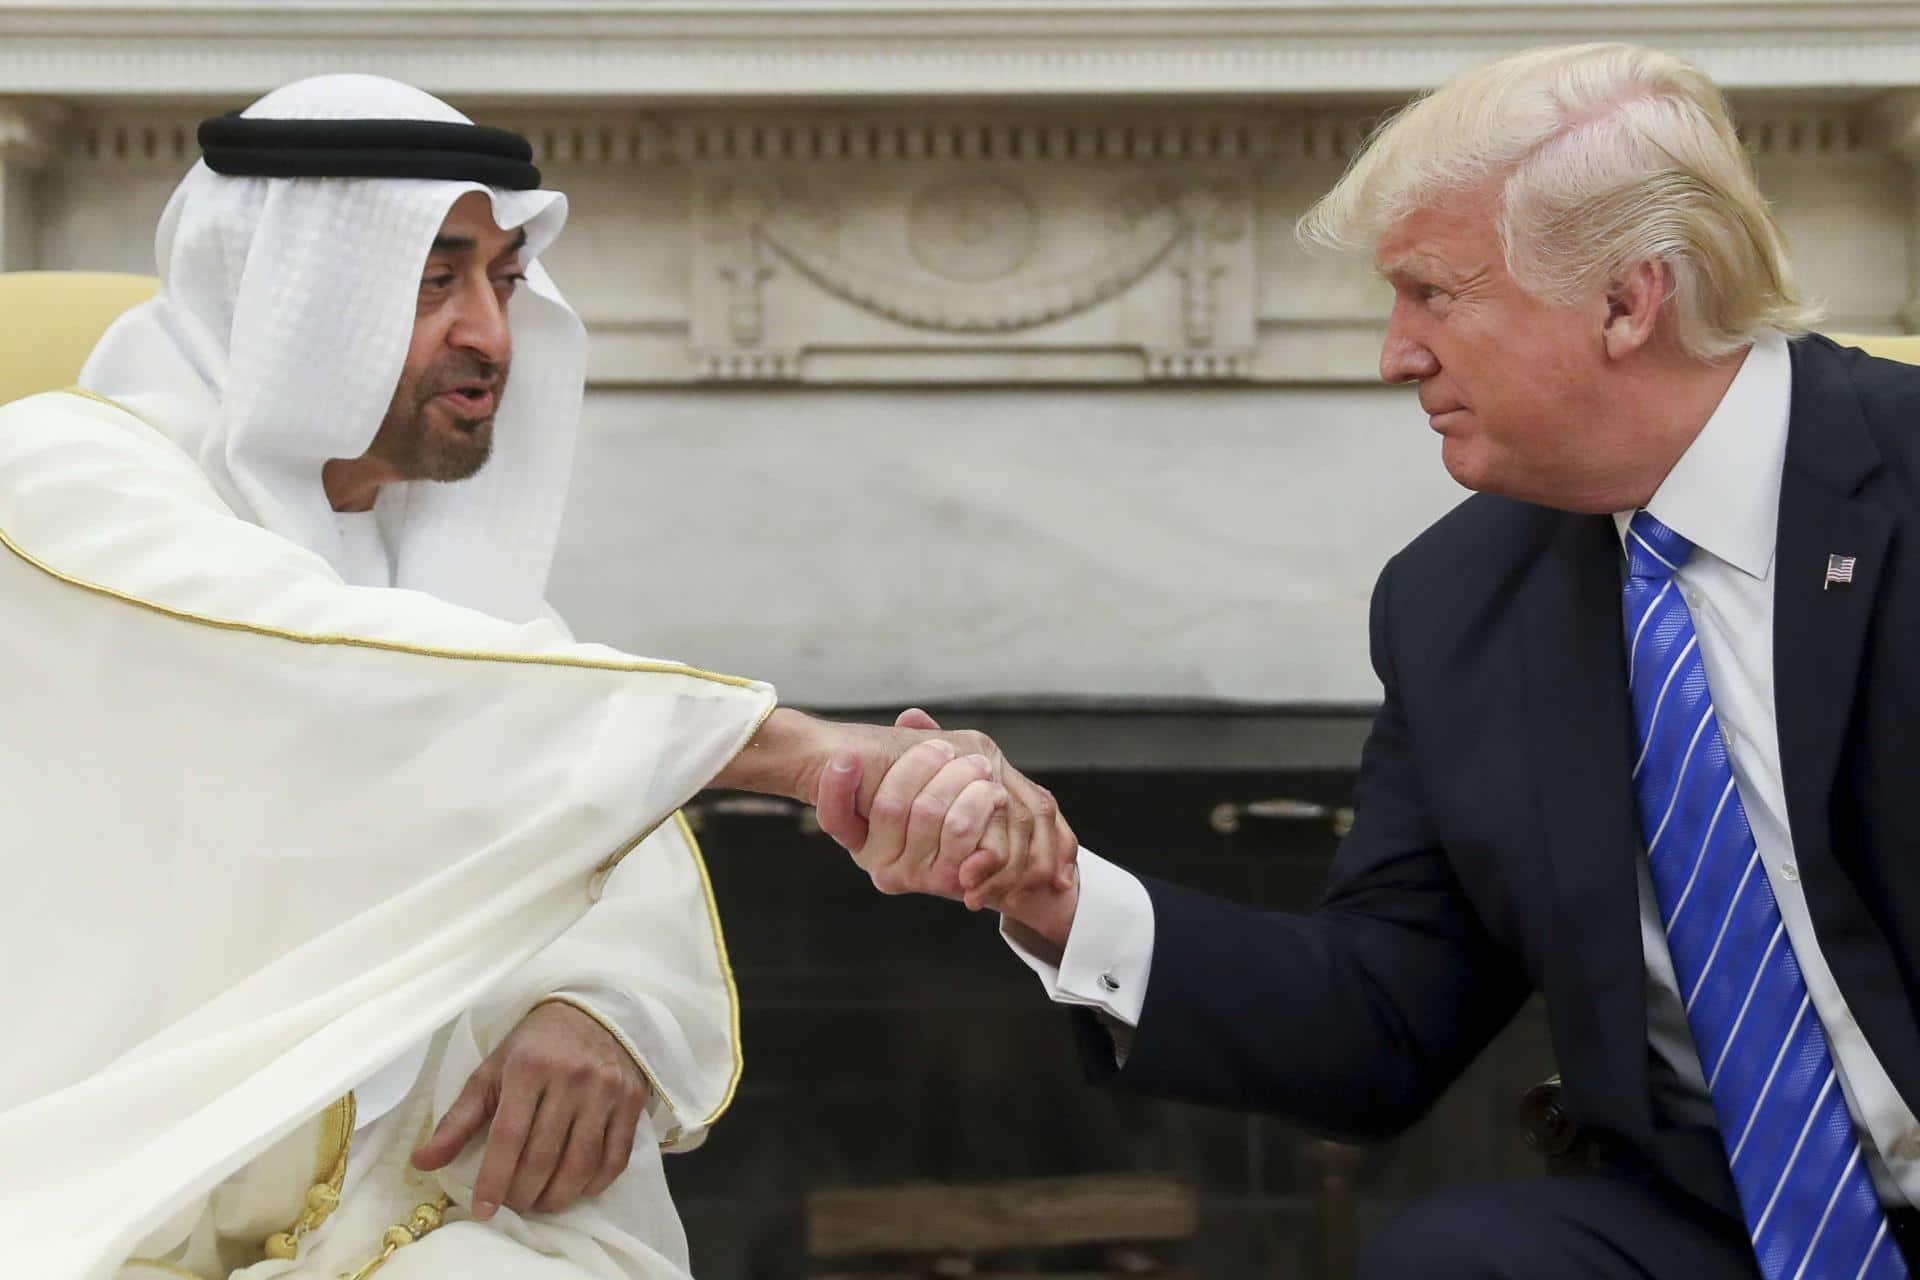 المذيعة الأمريكية راشيل مادو: لقد قلبنا توم باراك ضد قطر لمصلحة الإمارات (فيديو)